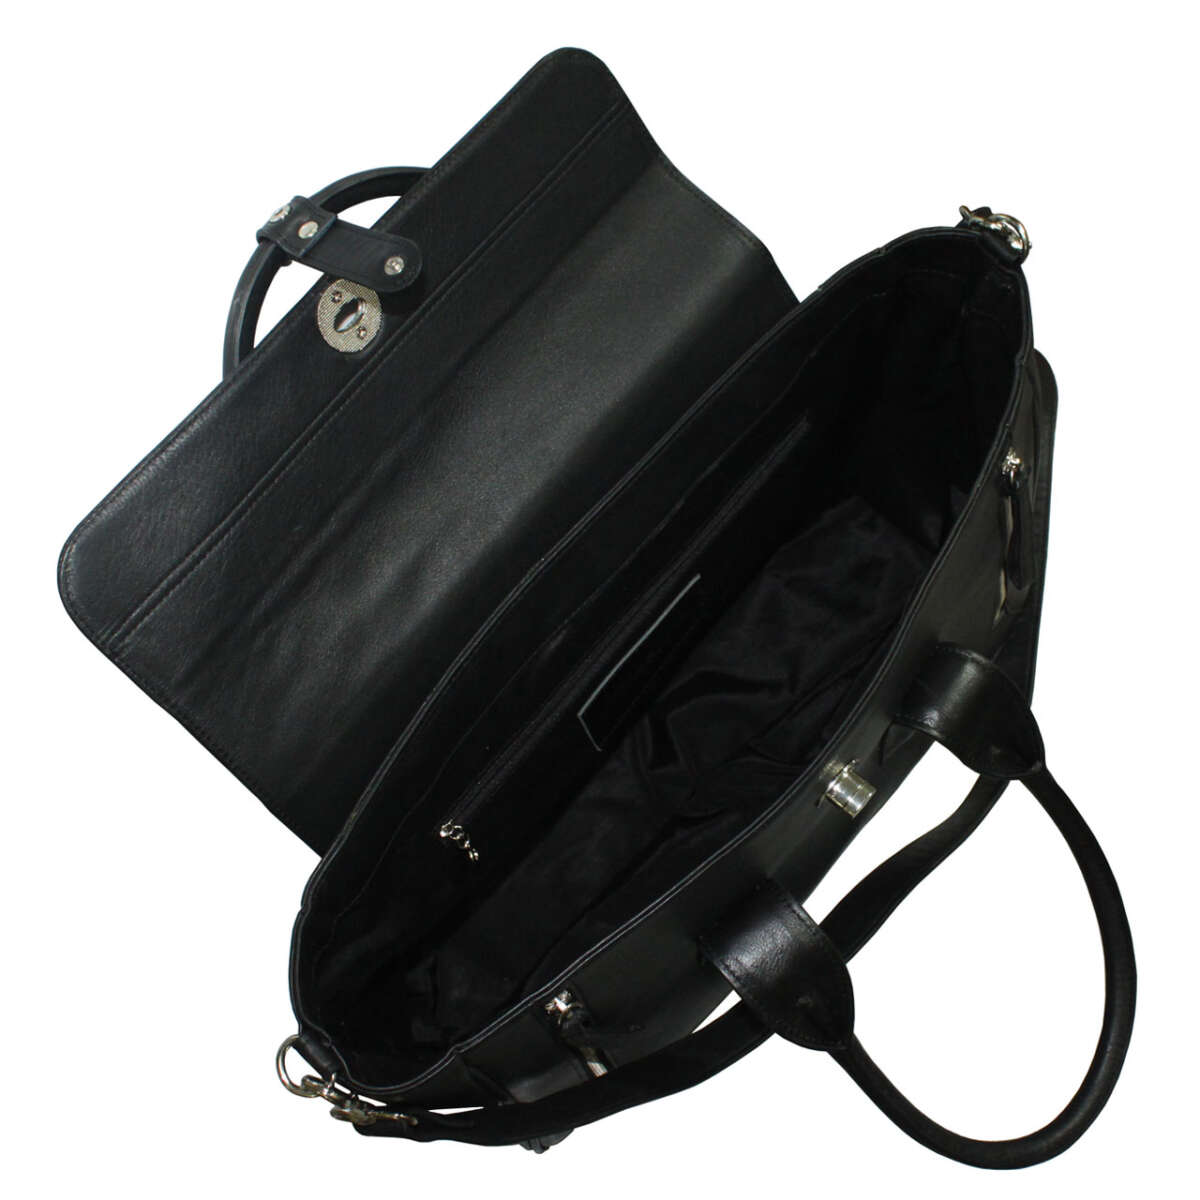 Túi xách nữ da bò B015a